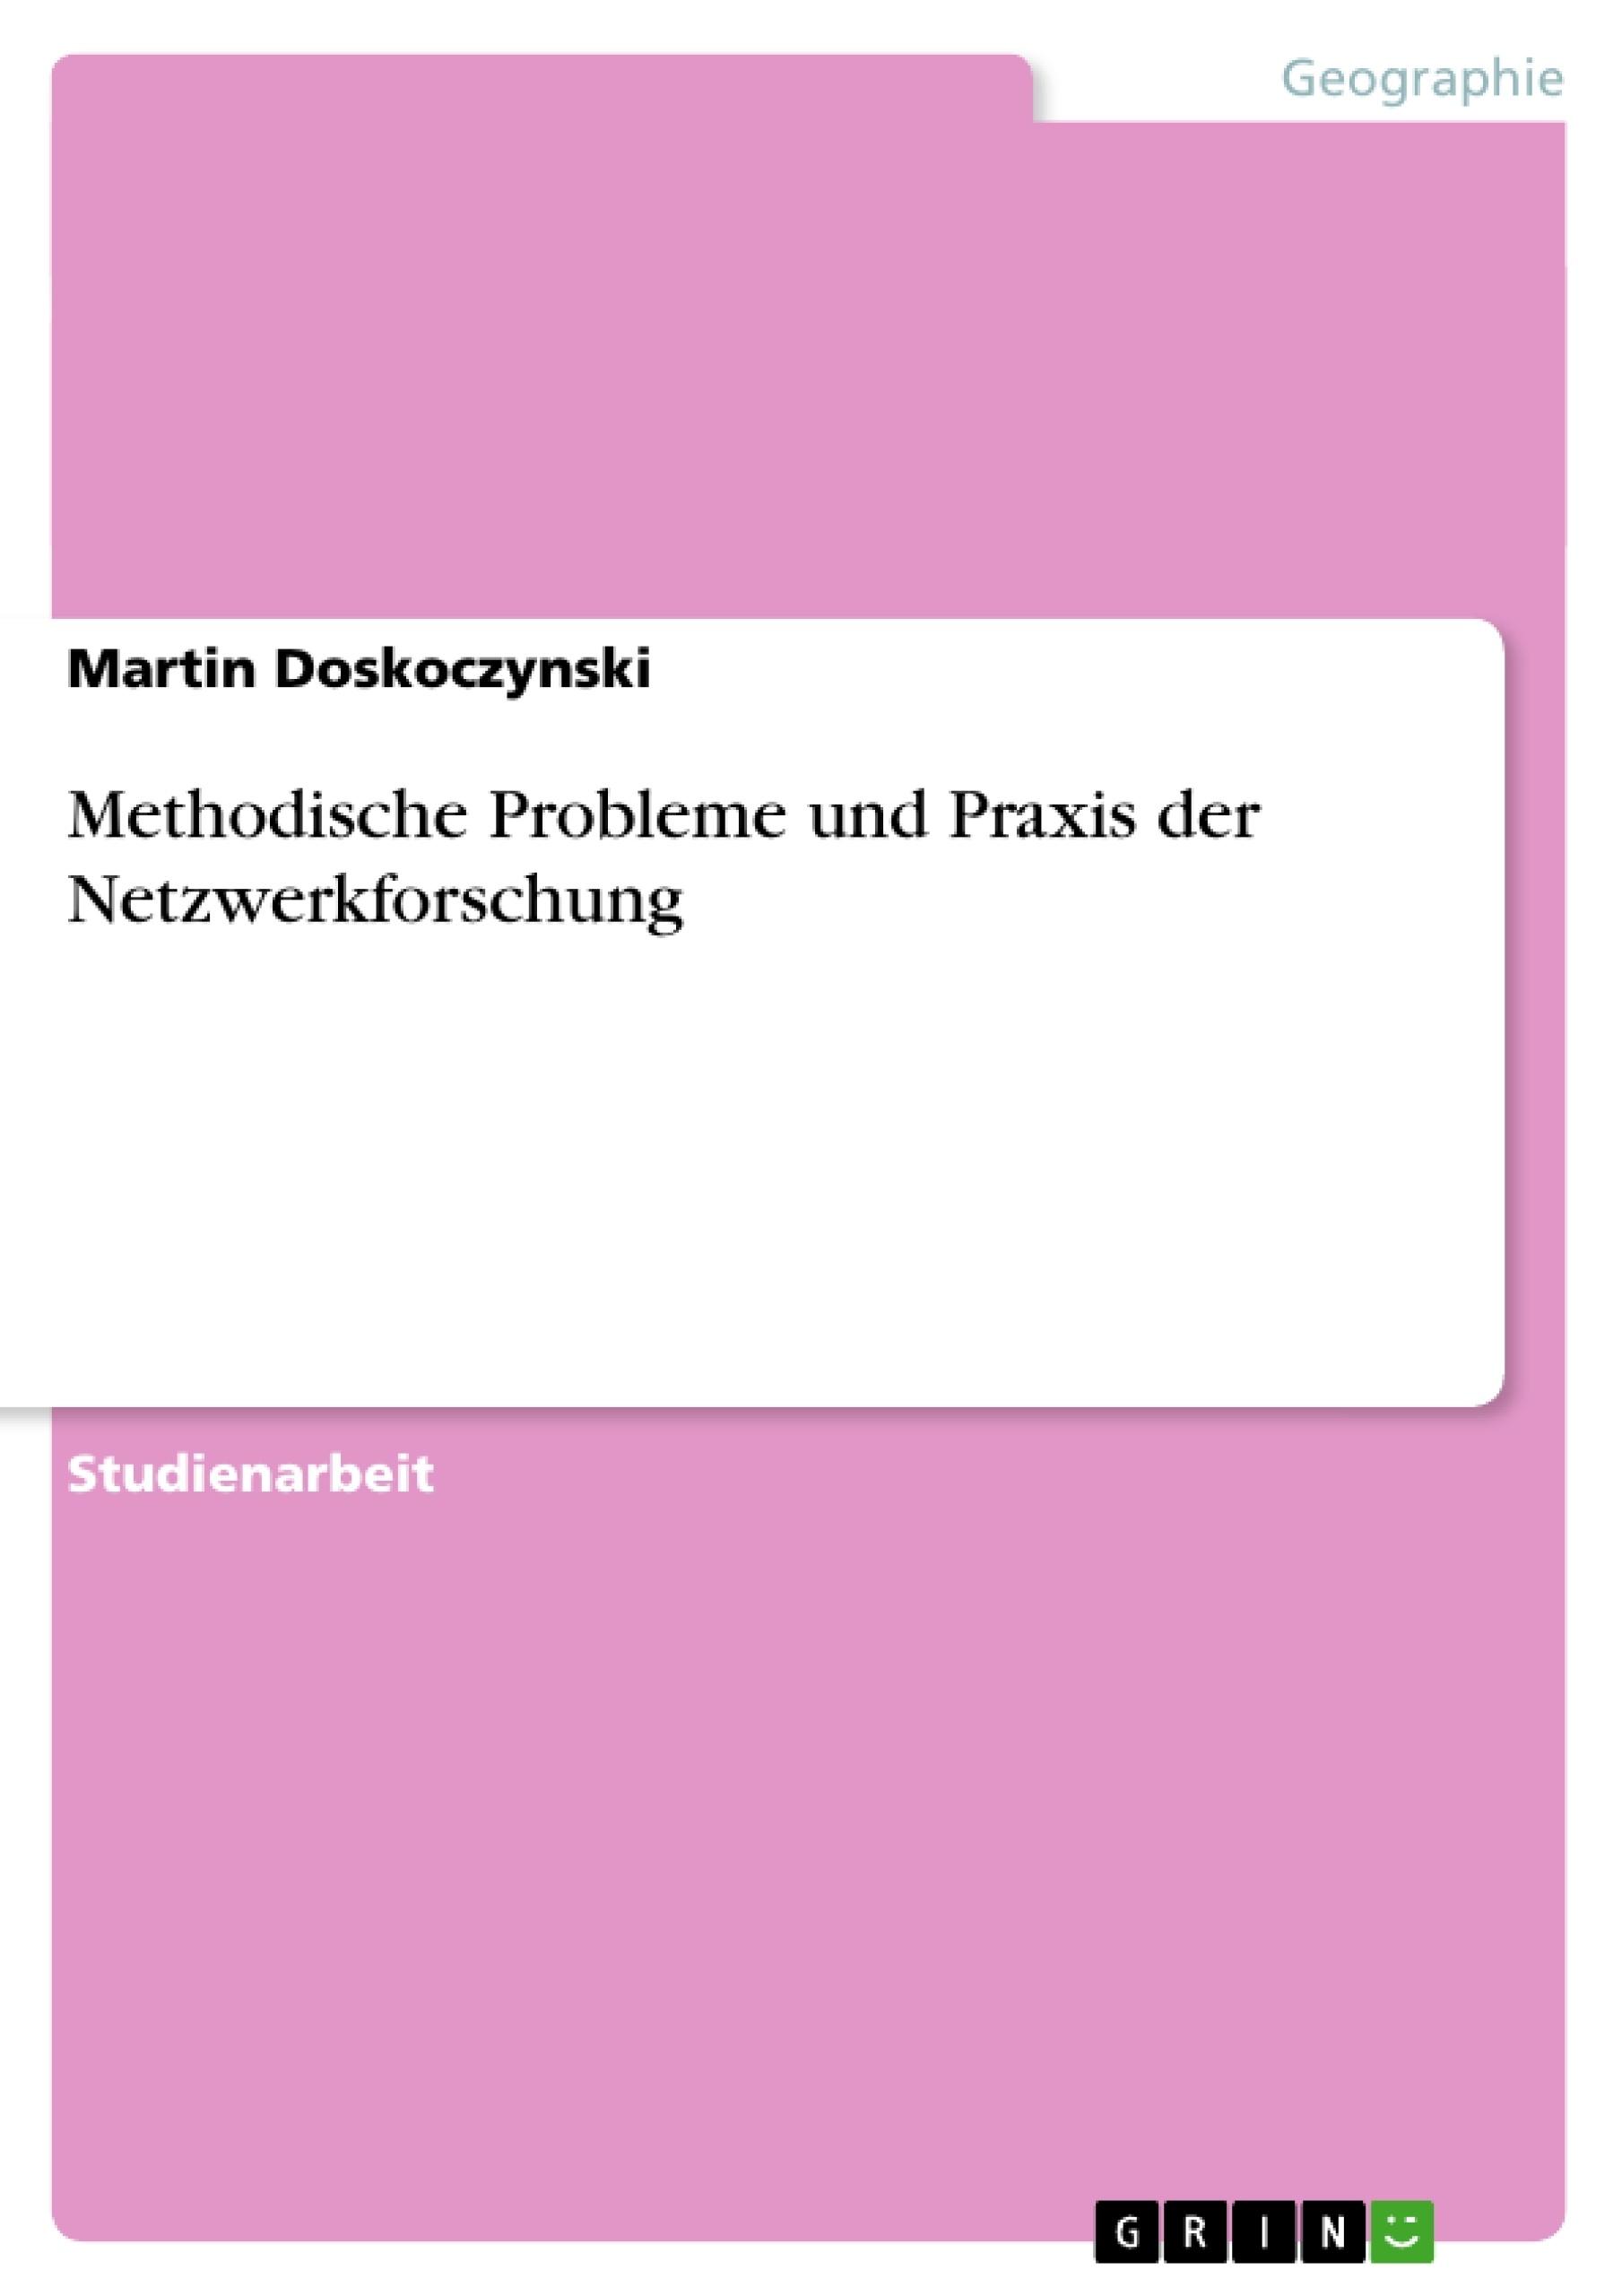 Titel: Methodische Probleme und Praxis der Netzwerkforschung